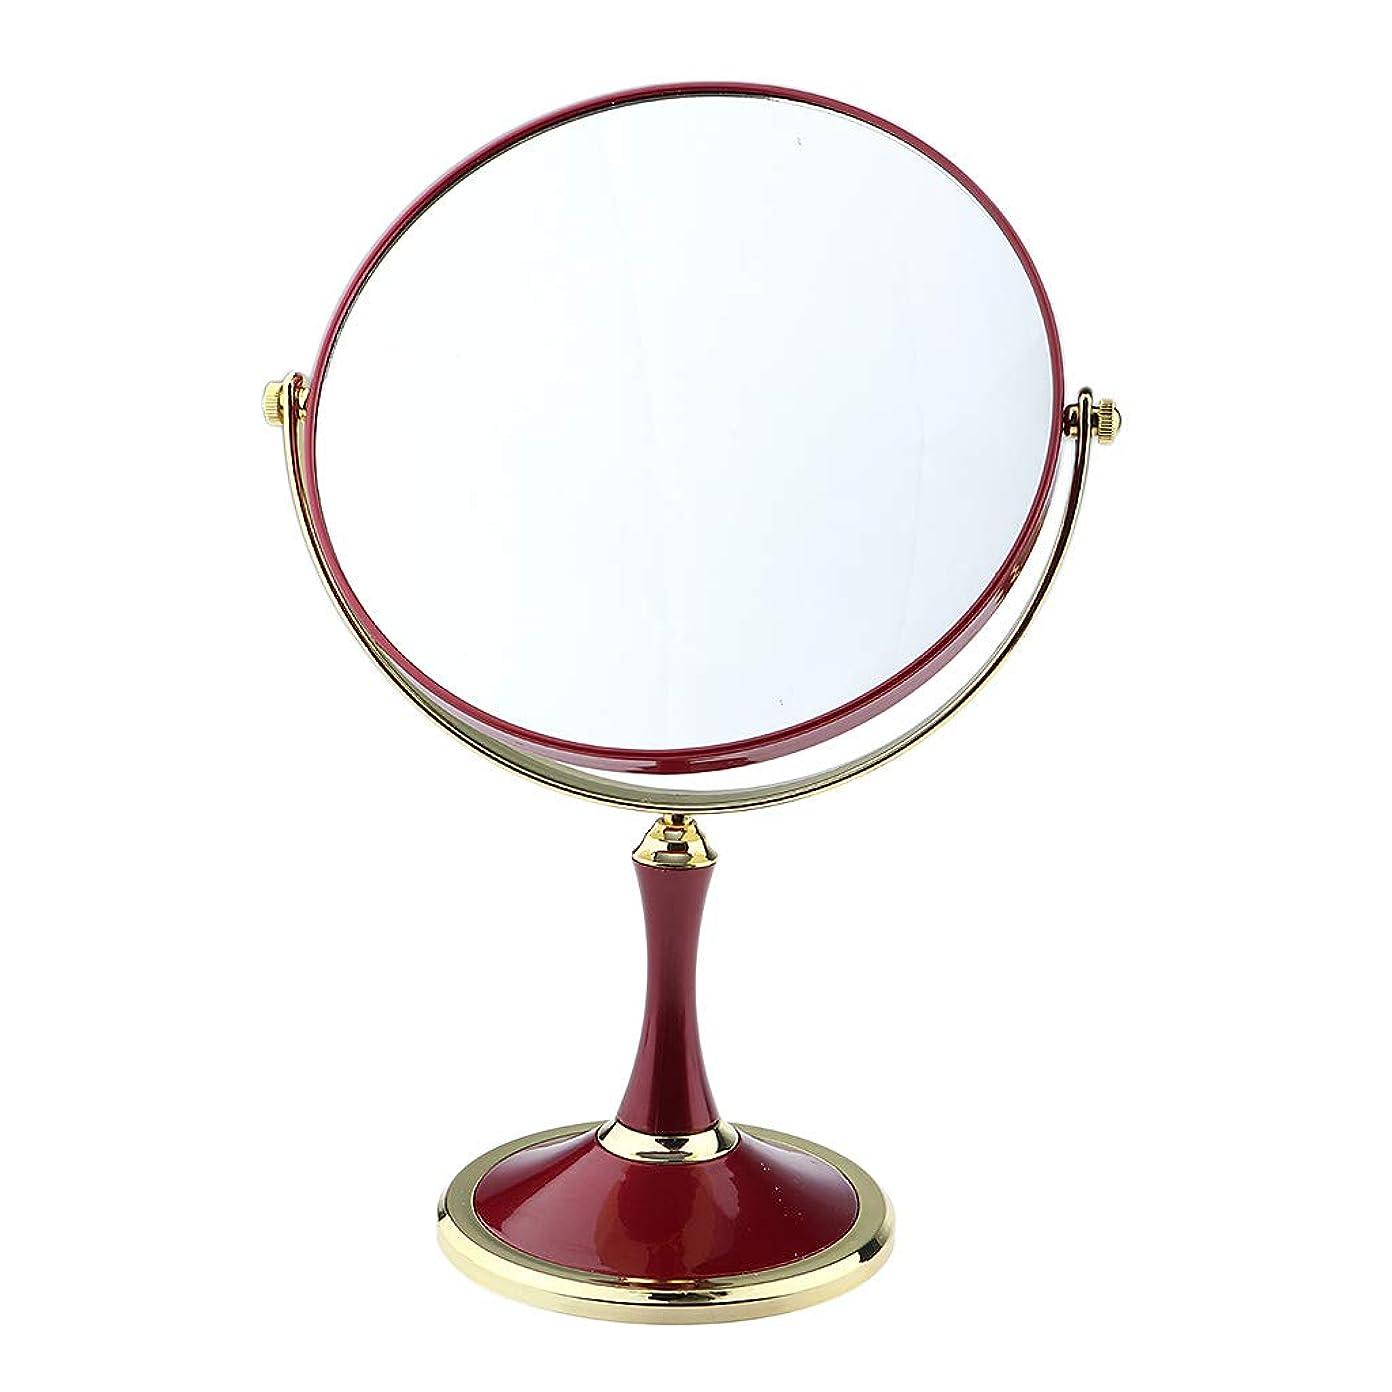 花束鍔市の中心部Injoyo メイクアップミラー 両面 化粧鏡 メイクミラー 卓上ミラー 拡大鏡 スタンドミラー 2色選べ - 赤